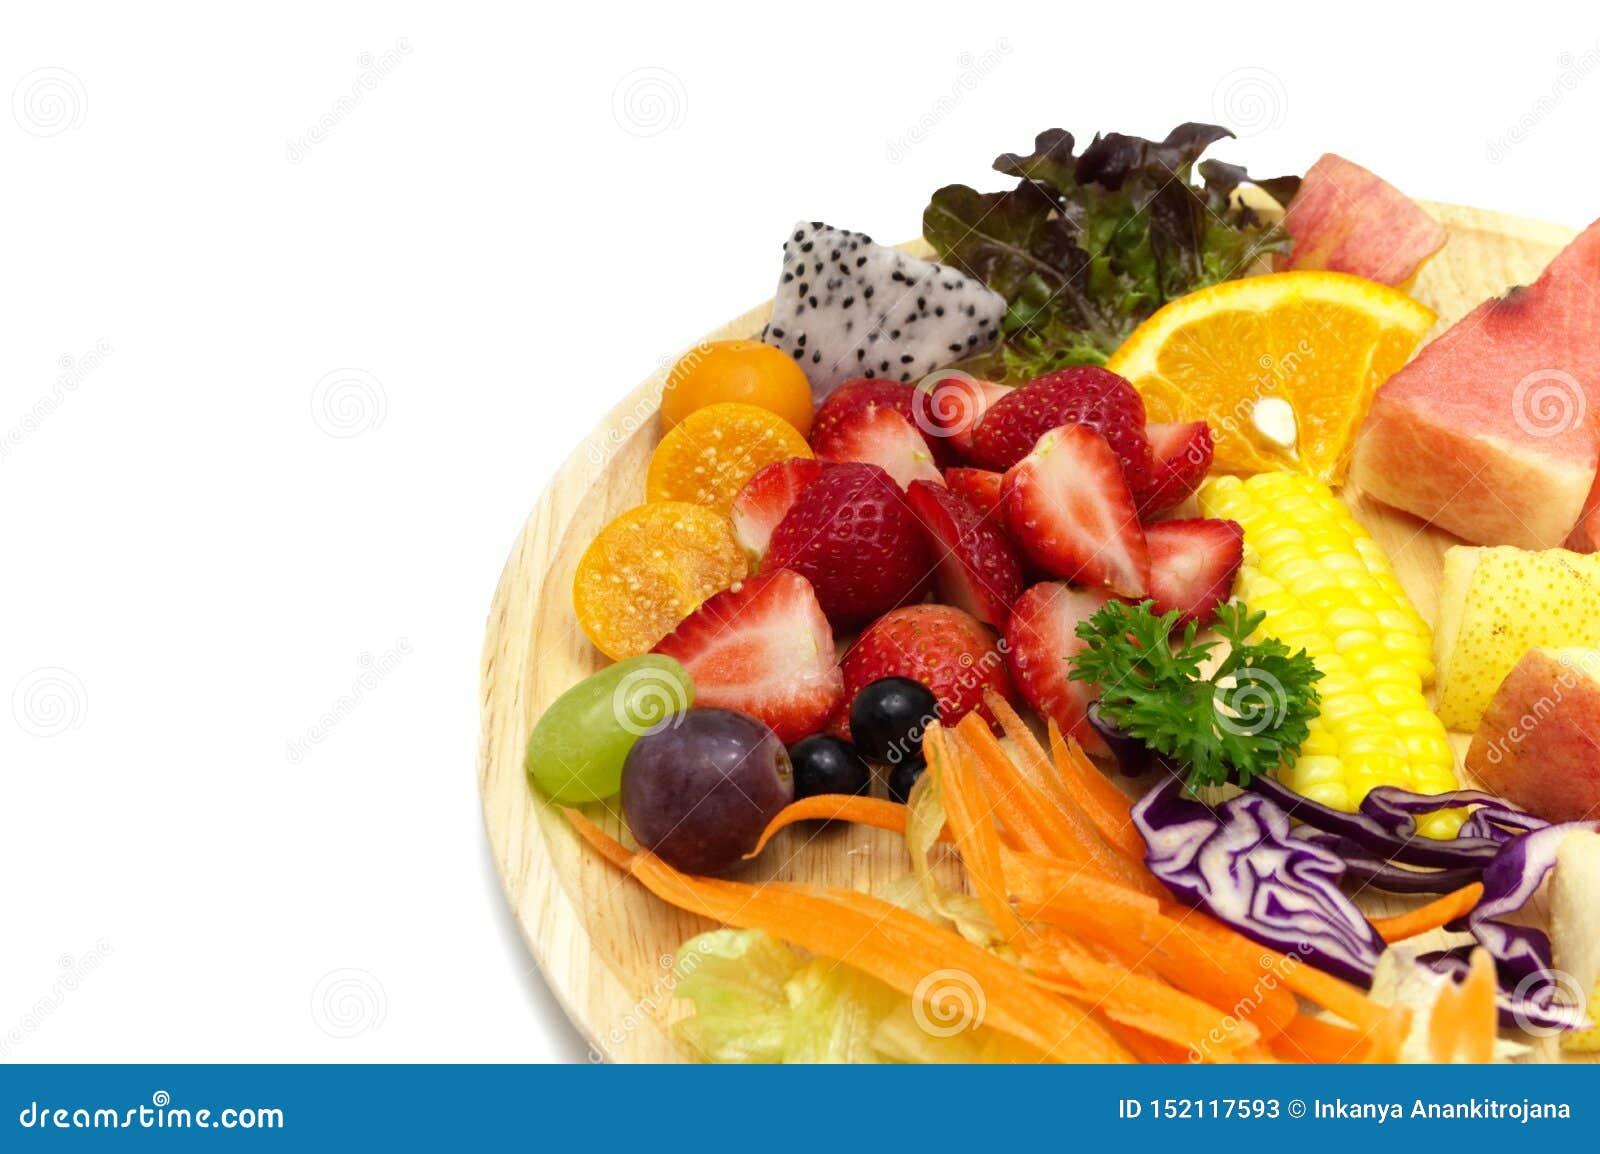 Салат со смешанными фруктами и овощами